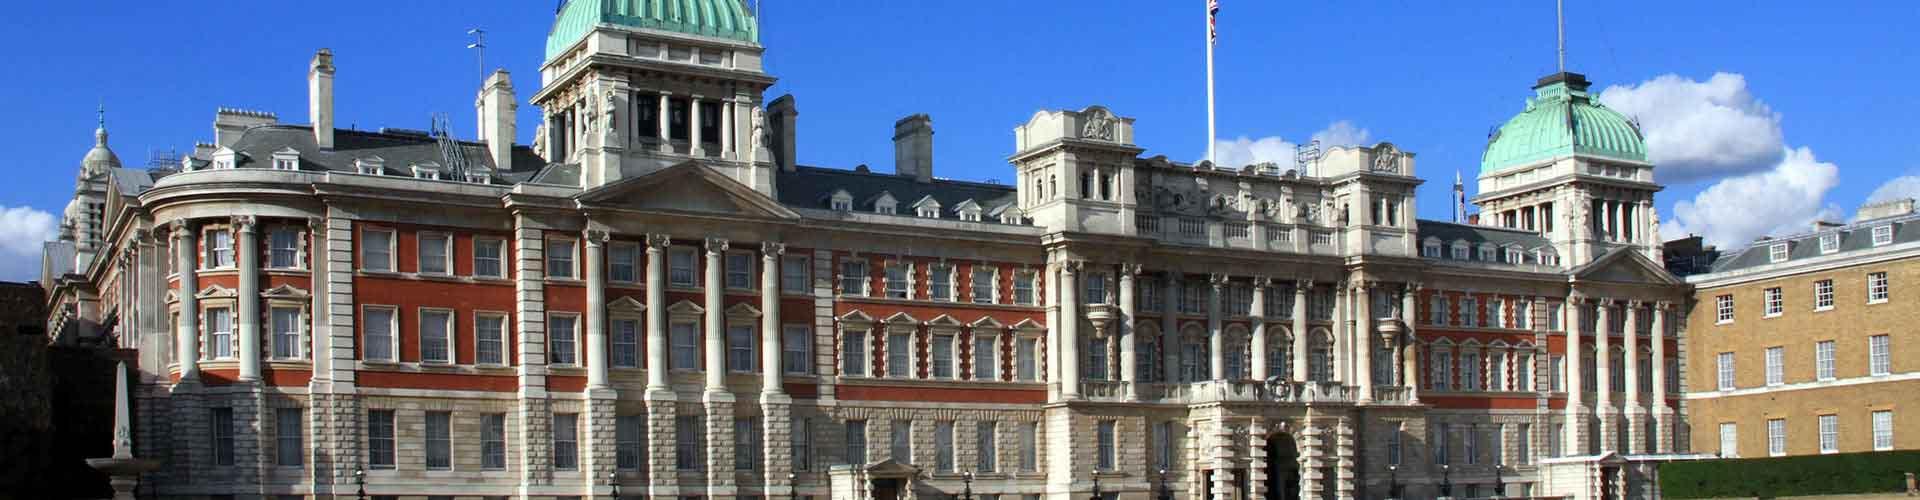 伦敦 – Regent's Park附近的公寓。伦敦地图,伦敦每间公寓的照片和评价。